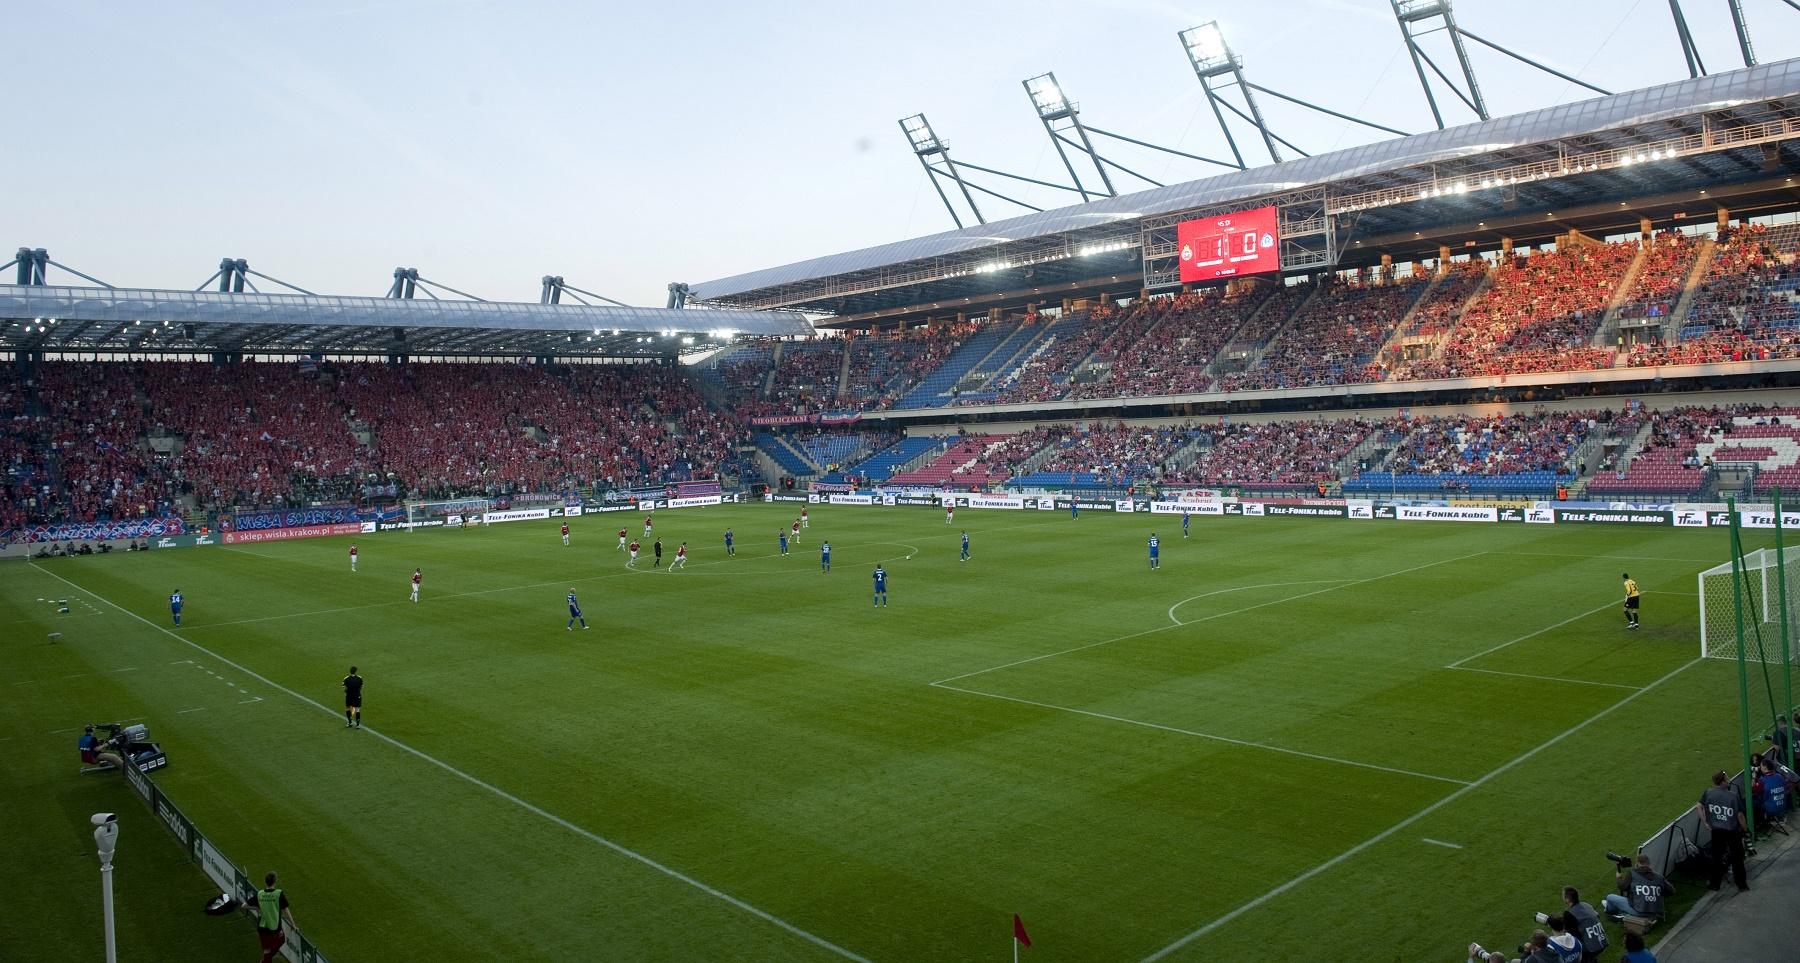 Wisla Krakowin Miejski stadion toimii lauantaina päänäyttämönä. KUVA: Getty Images